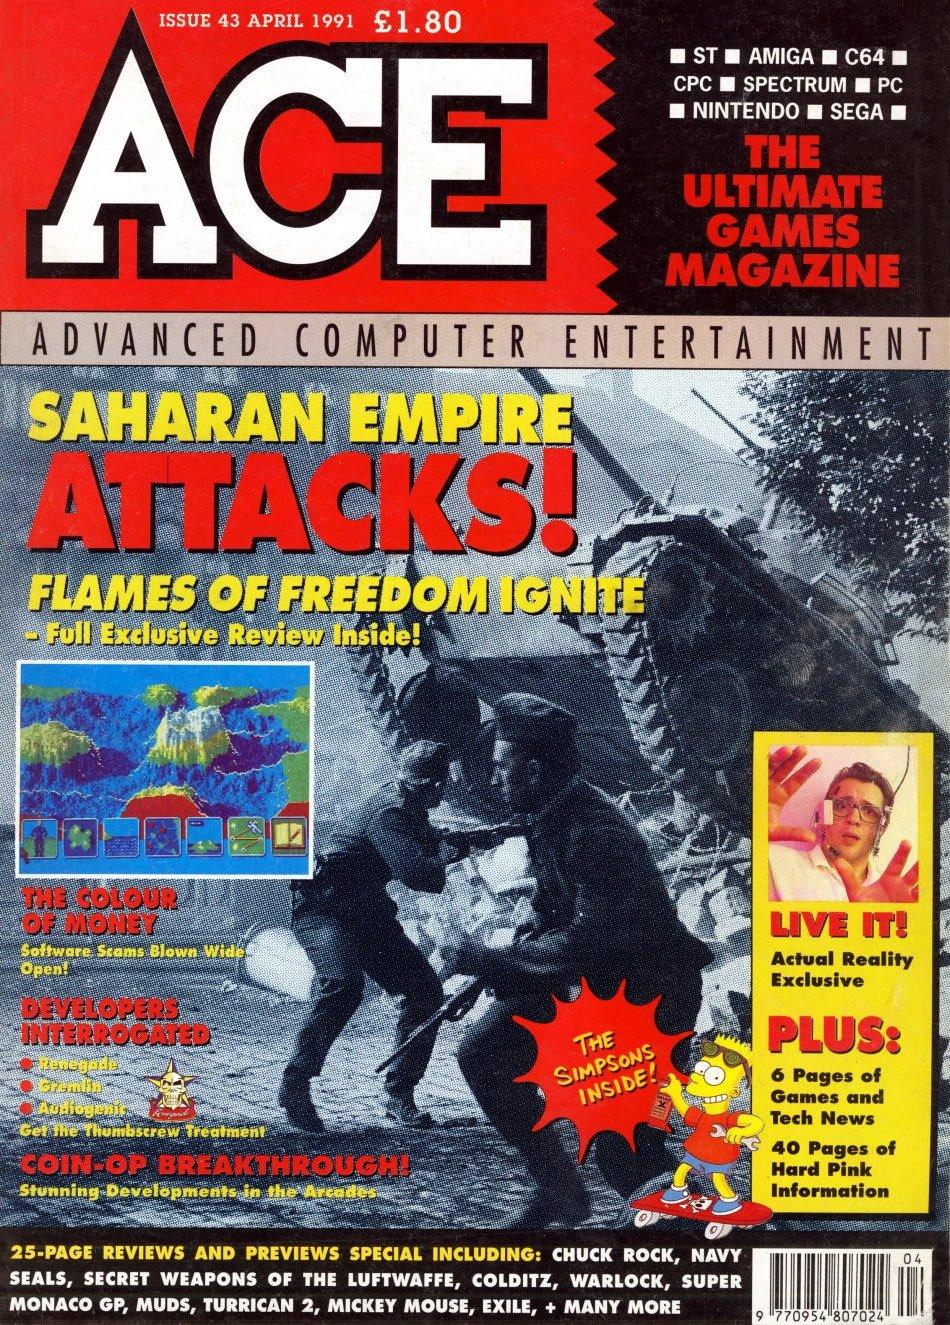 ACE 43 (April 1991)